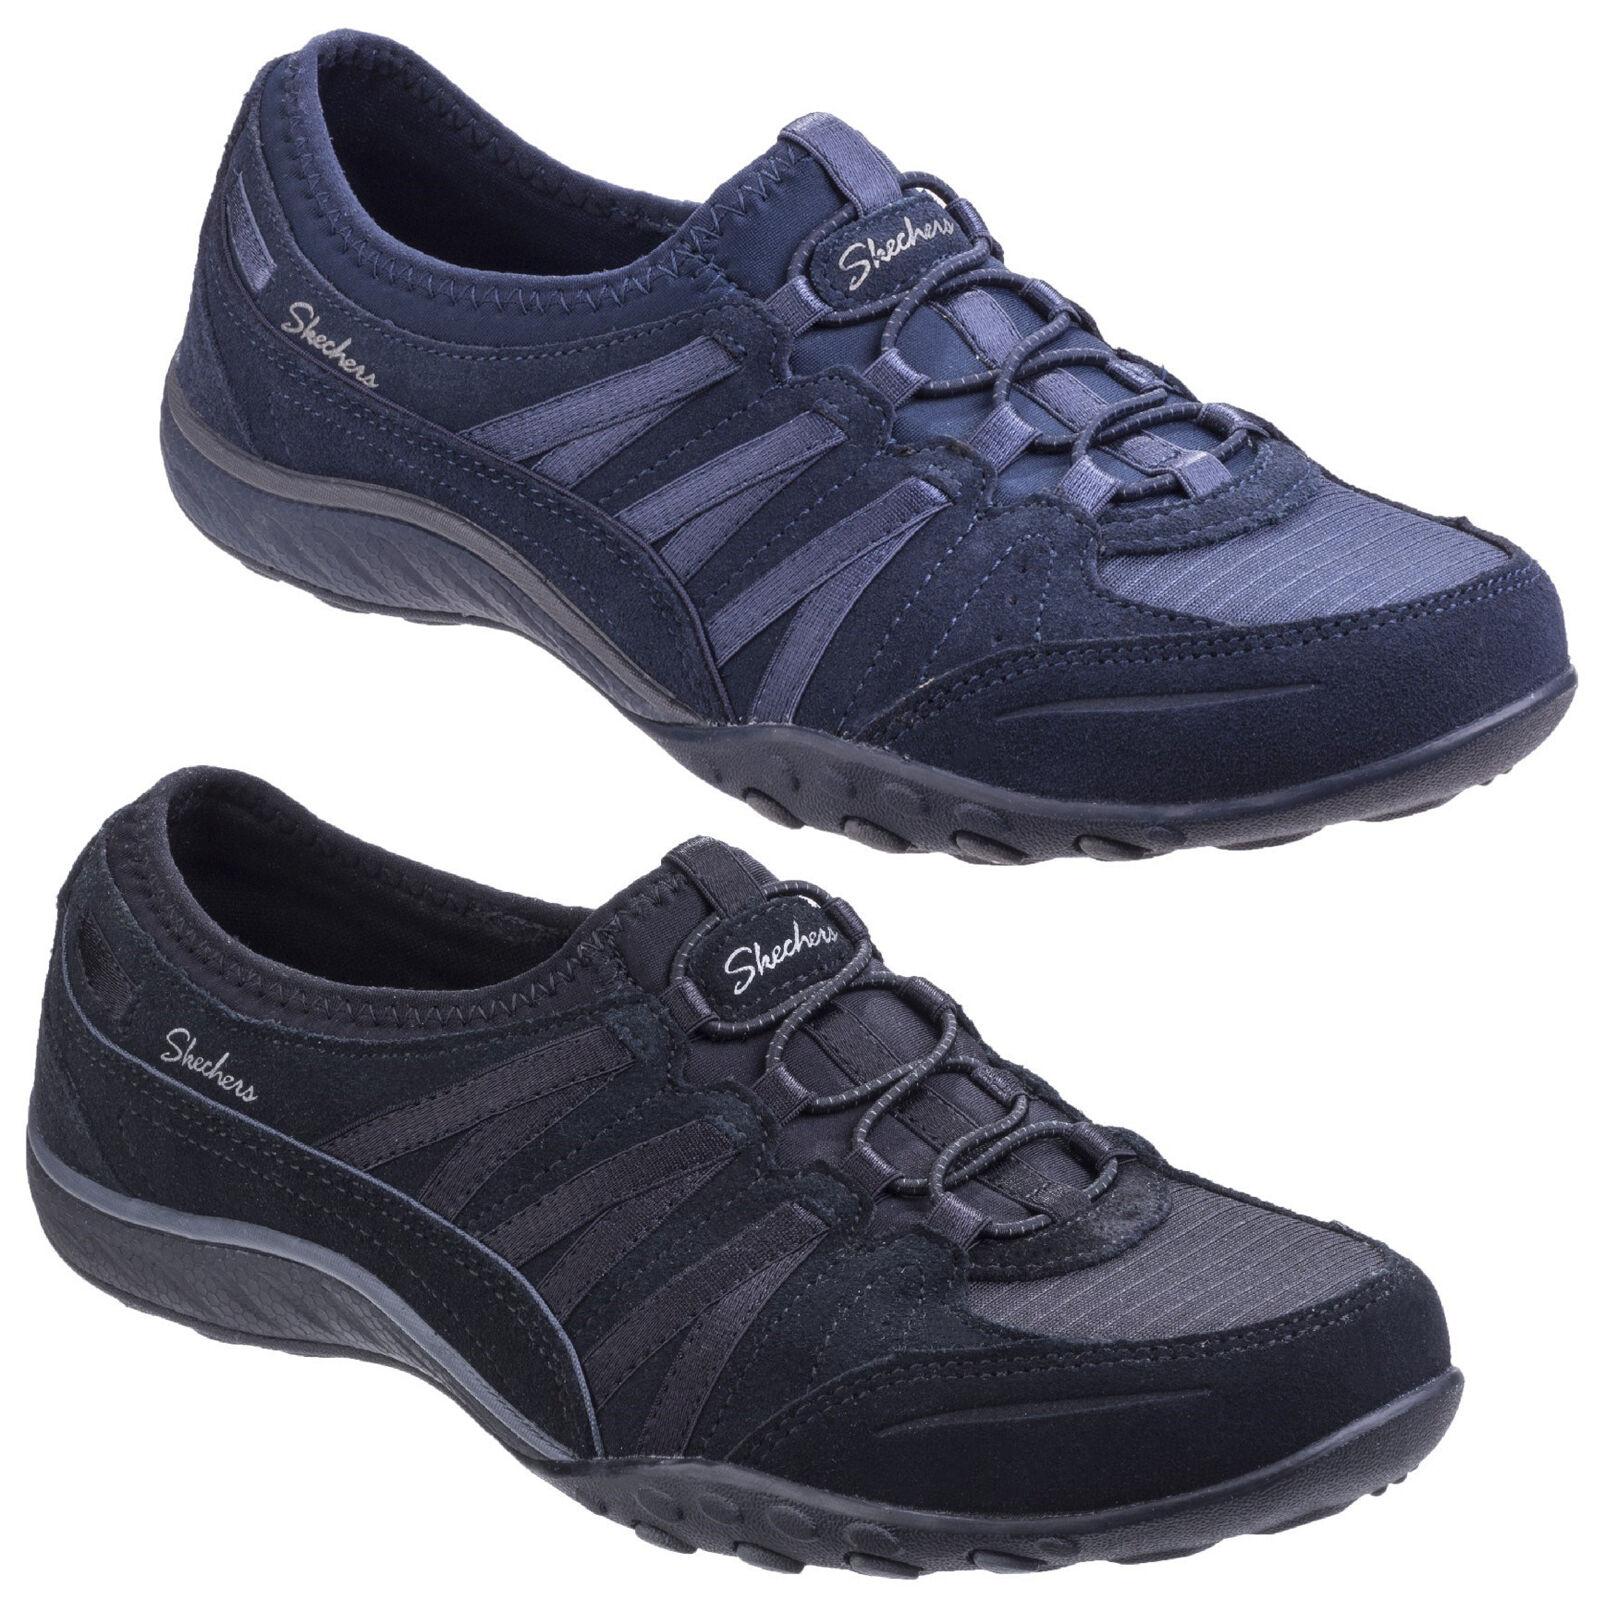 info for 09ebe 3f1cb Adidas para mujer Galaxy 4 Calzado para Correr 4 Reino Unido 0cfffb